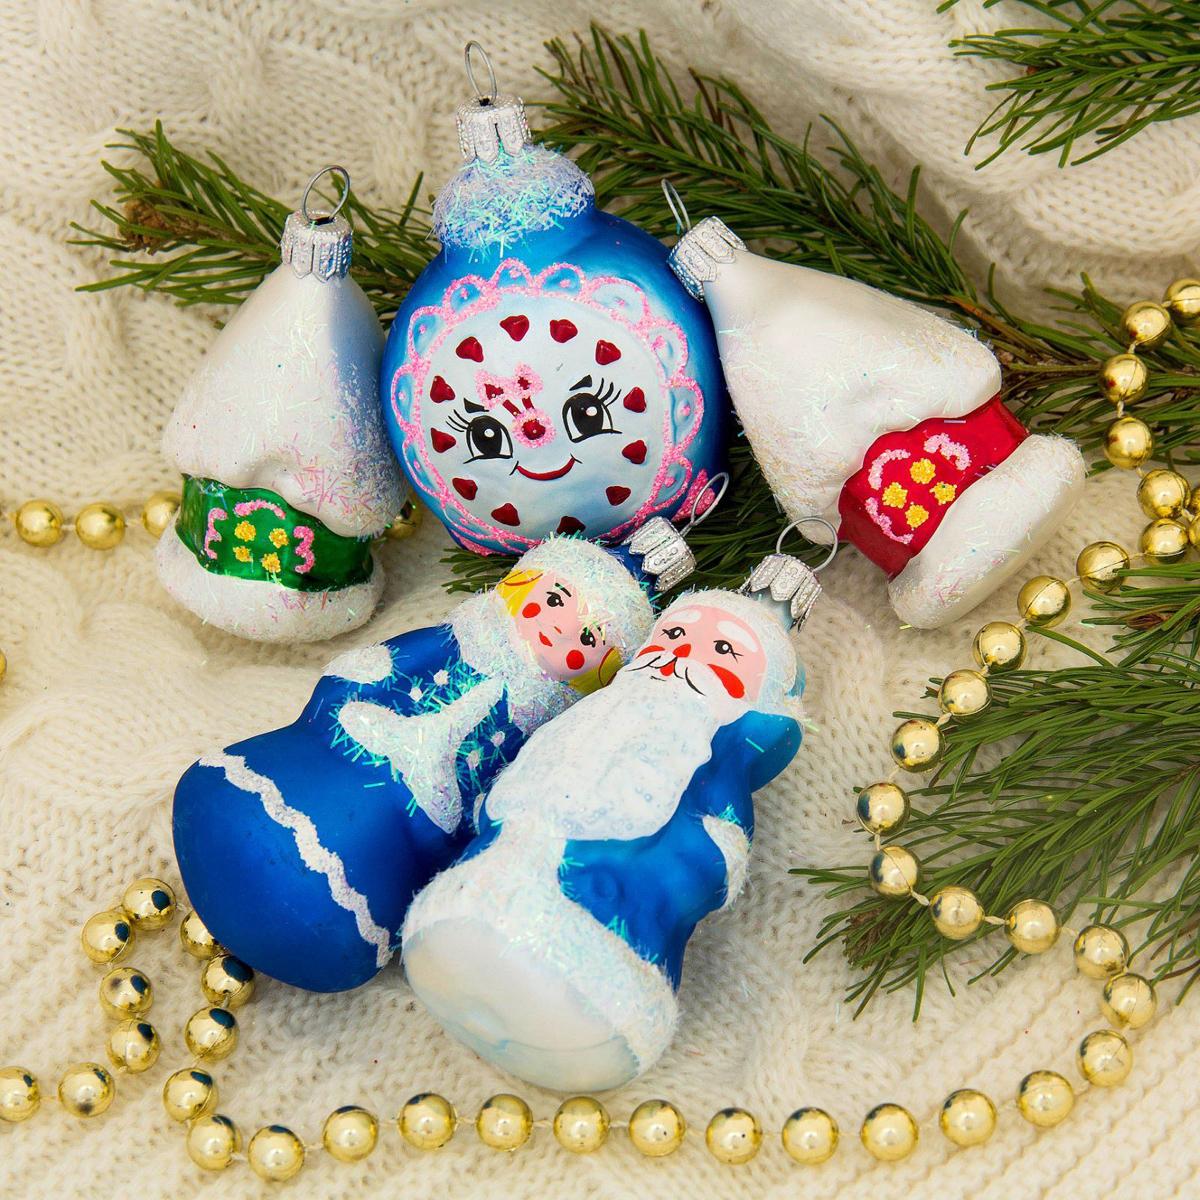 Набор новогодних подвесных украшений Ёлочка Сказочный, 5 шт2564851Набор новогодних подвесных украшений Ёлочка отлично подойдет для декорации вашего дома и новогодней ели. С помощью специальной петельки украшение можно повесить в любом понравившемся вам месте. Но, конечно, удачнее всего оно будет смотреться на праздничной елке. Елочная игрушка - символ Нового года. Она несет в себе волшебство и красоту праздника. Создайте в своем доме атмосферу веселья и радости, украшая новогоднюю елку нарядными игрушками, которые будут из года в год накапливать теплоту воспоминаний.